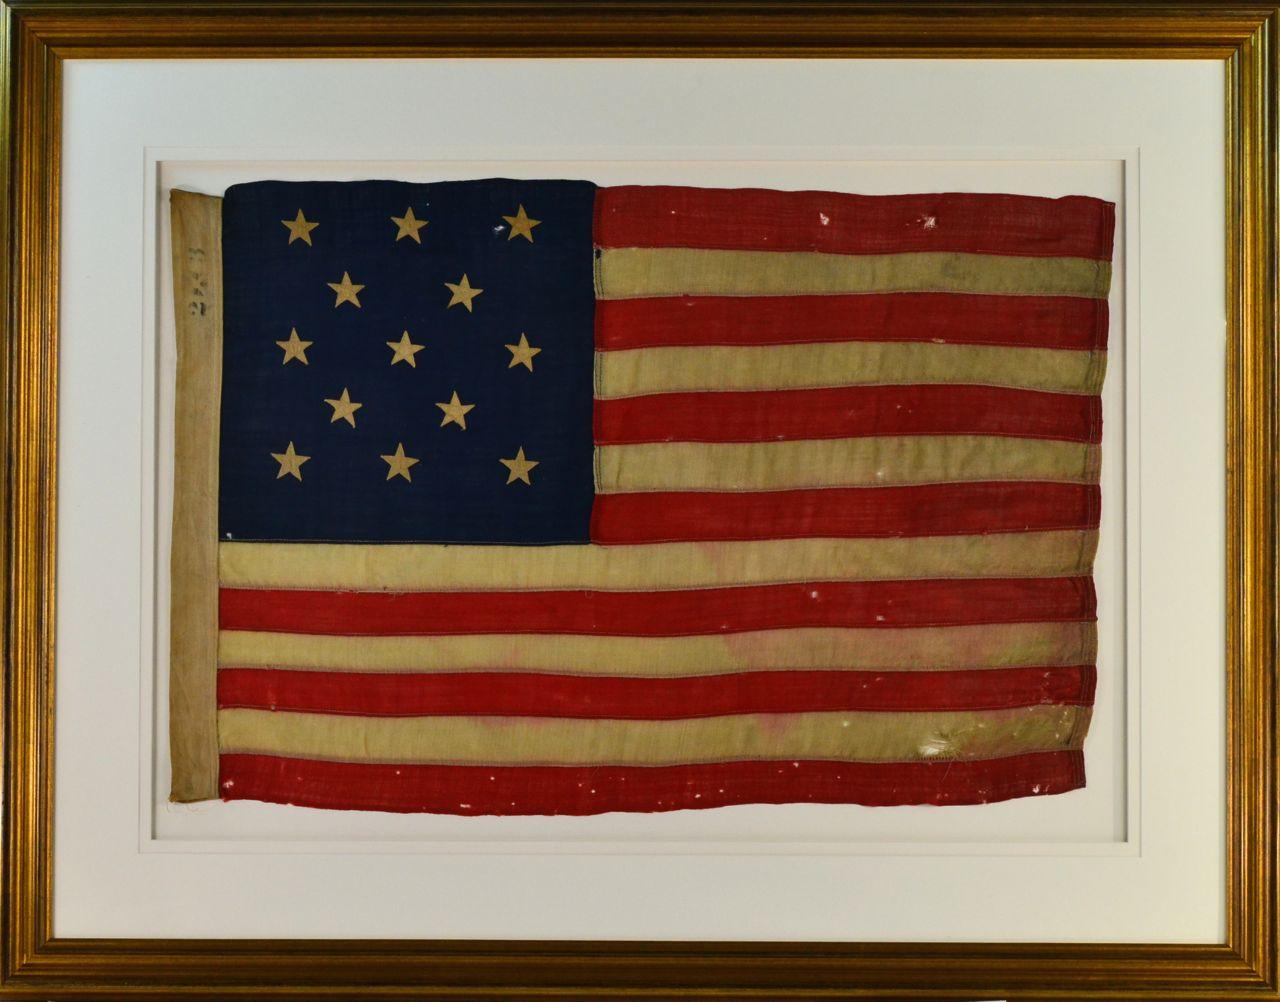 bdd676b3acb Antique 13 Star Flag